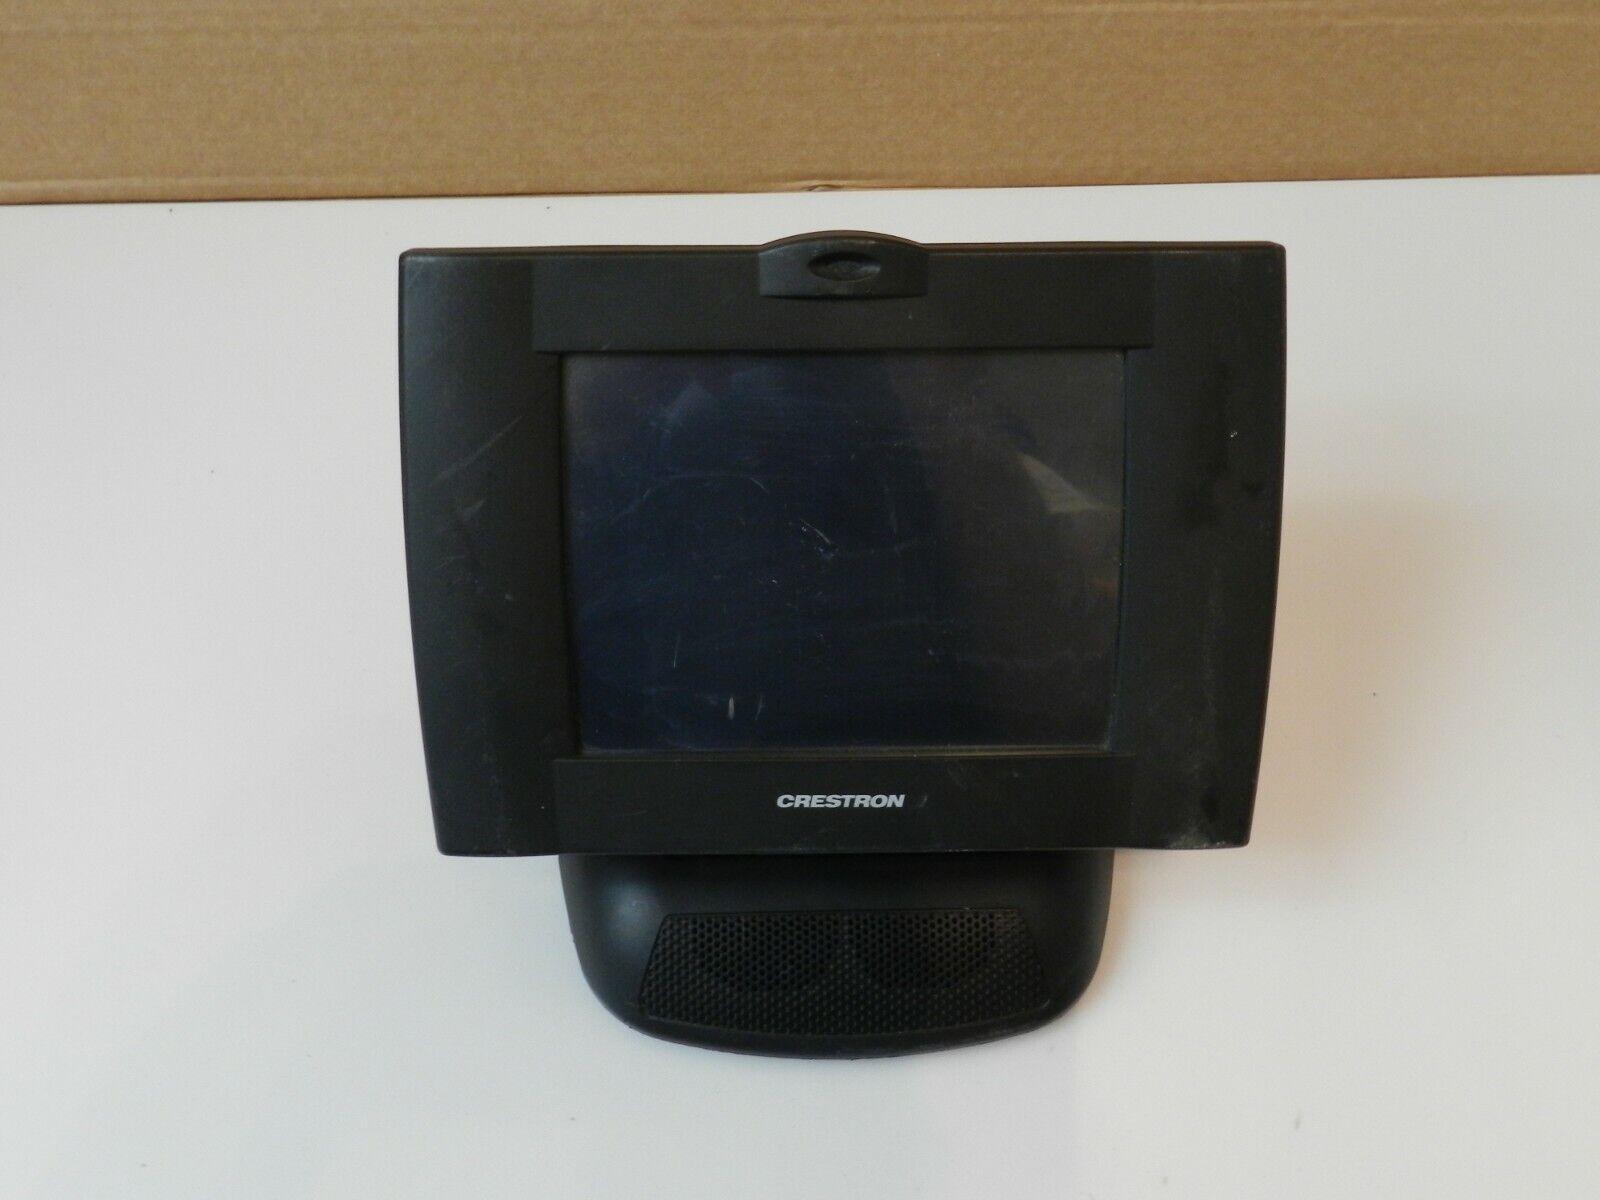 Crestron TPS-3000 Isys 6.4 Color Tilt Touchpanel Control  - $39.00